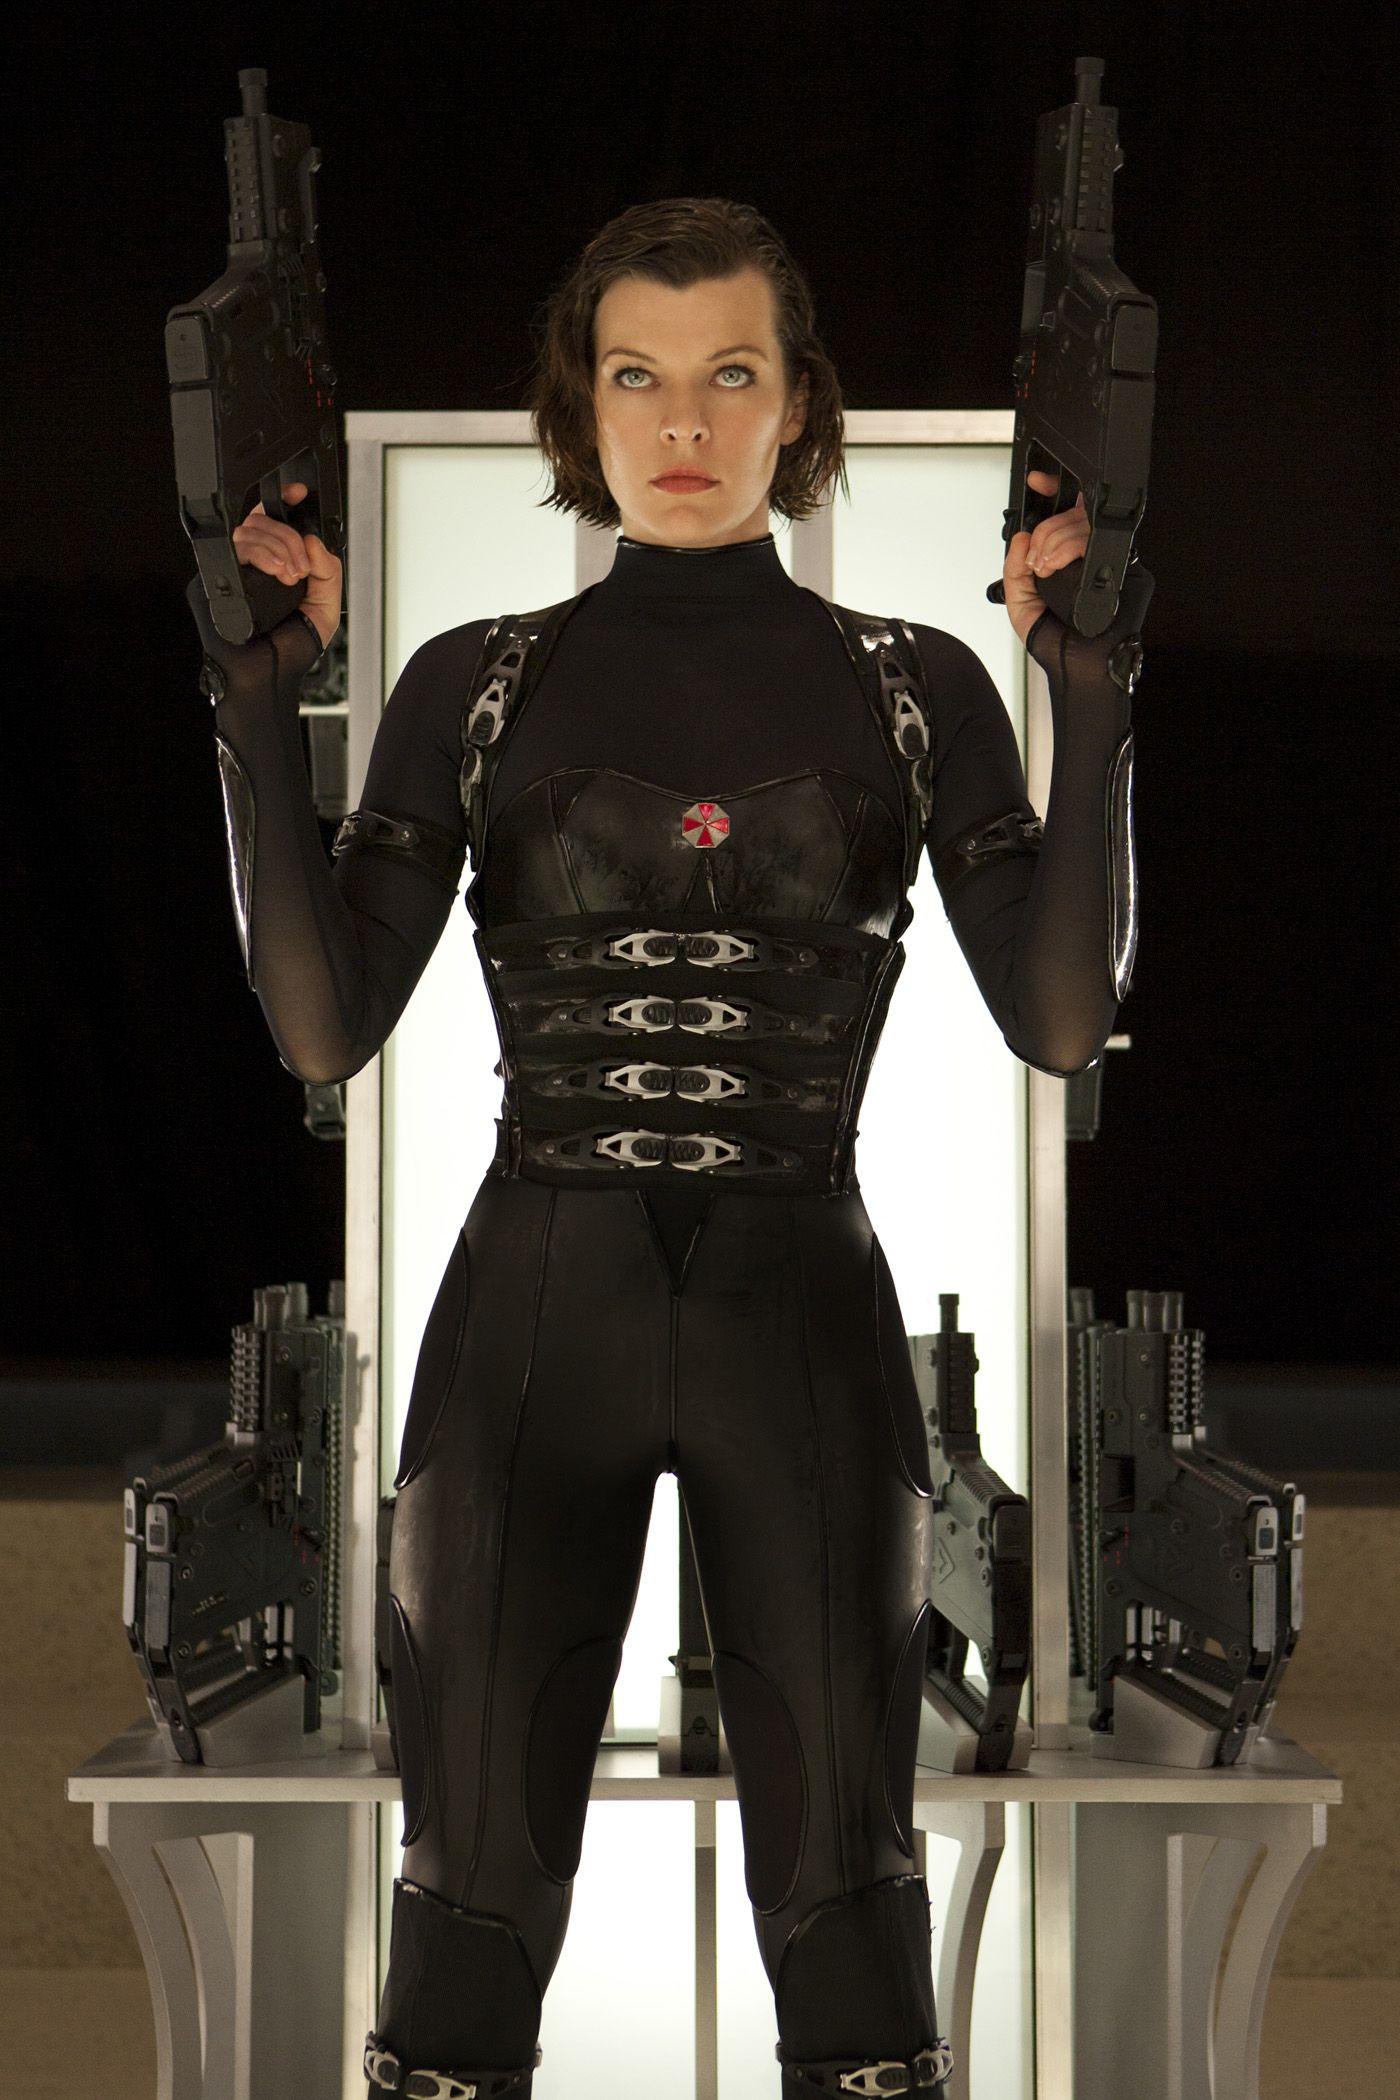 James Bond Skyfall Images Resident Evil 5 Images Resident Evil